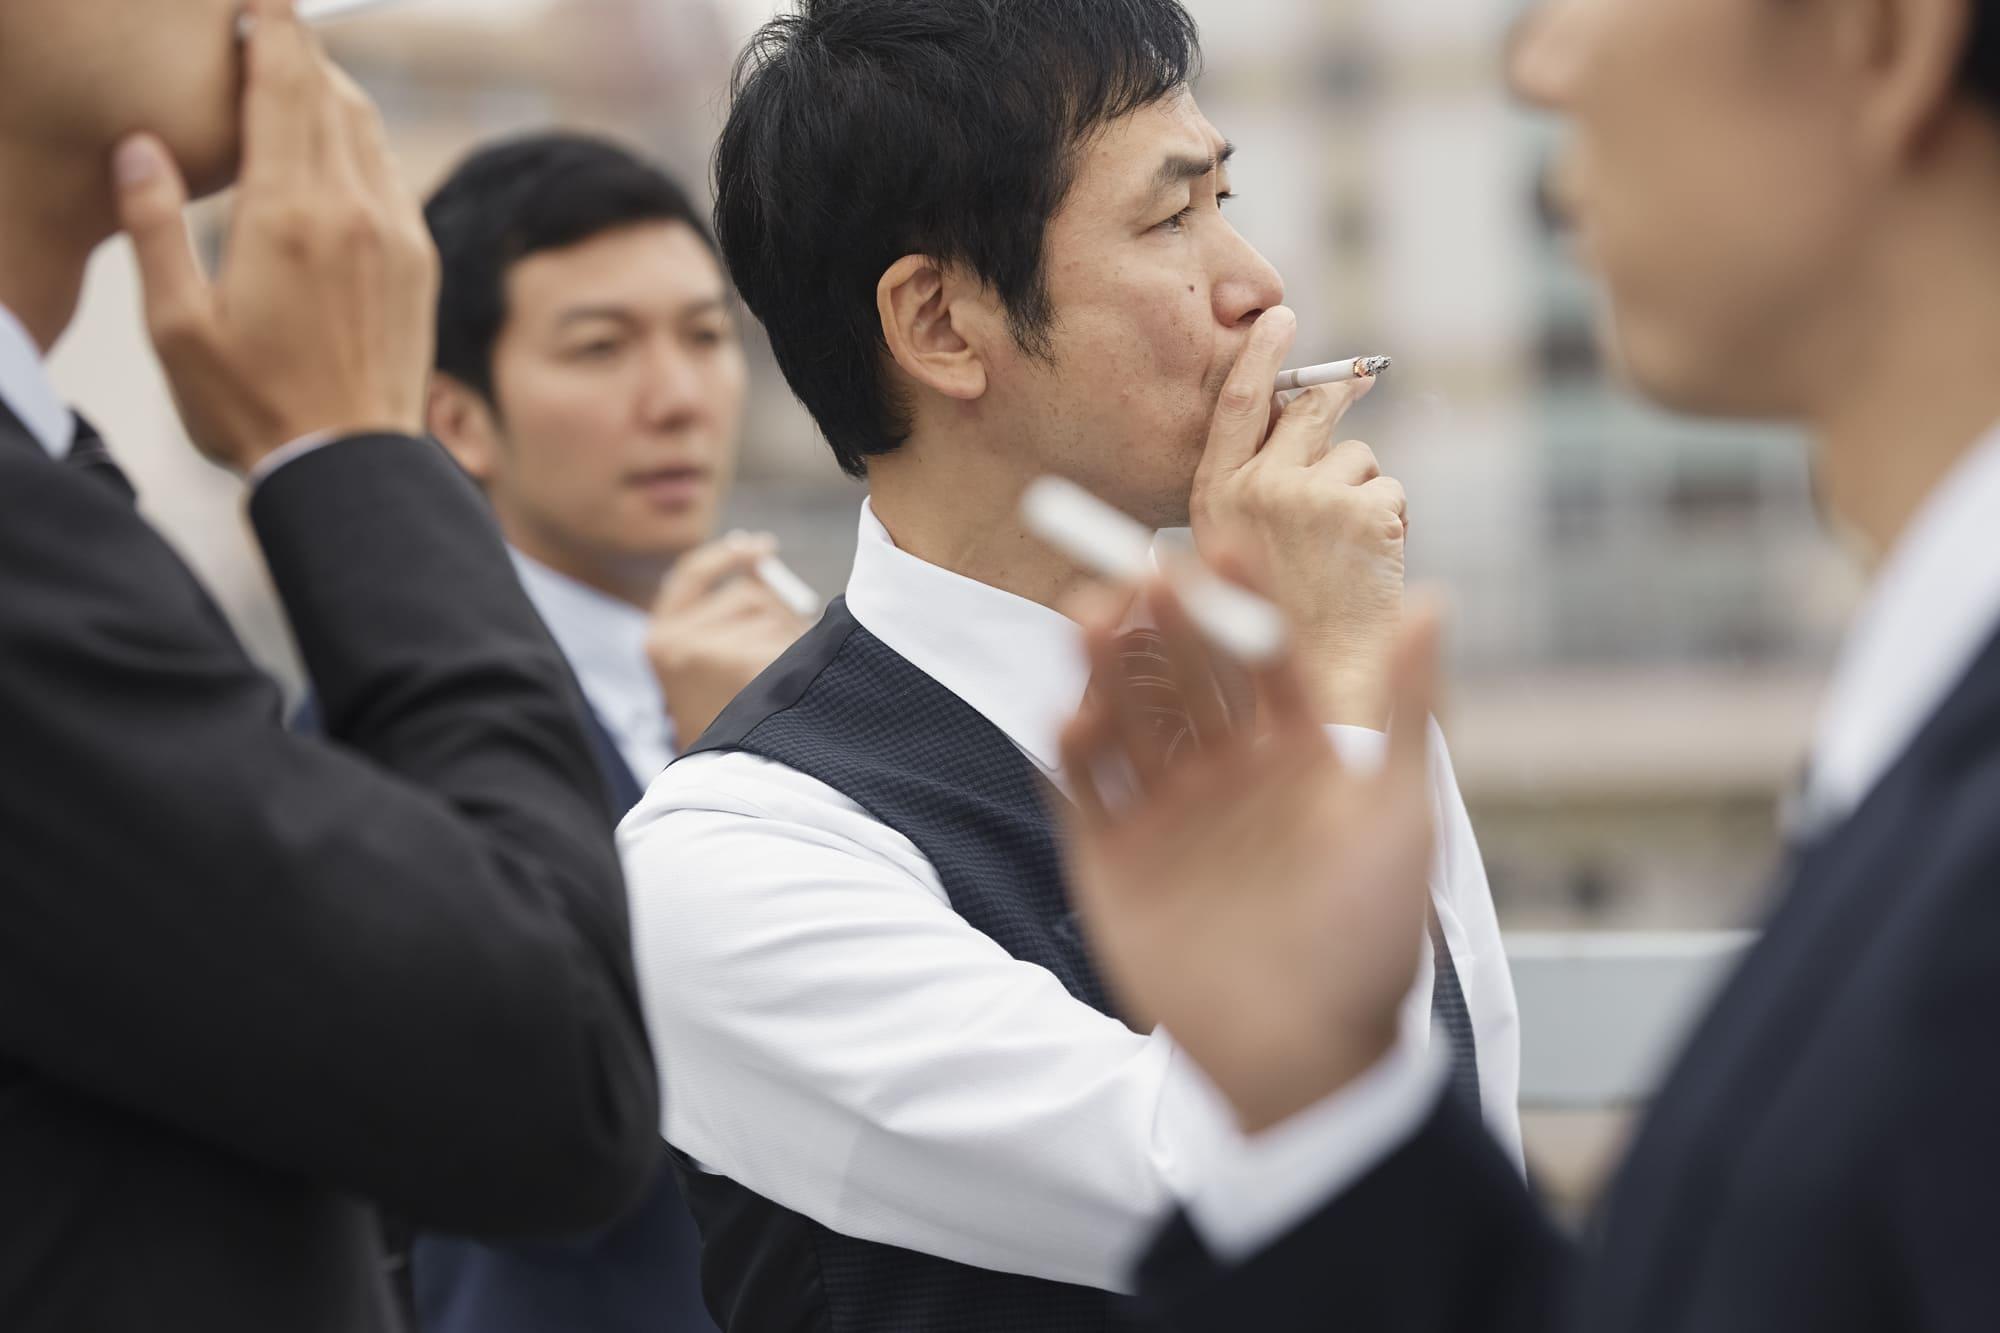 タバコ_肌荒れ_老け顔